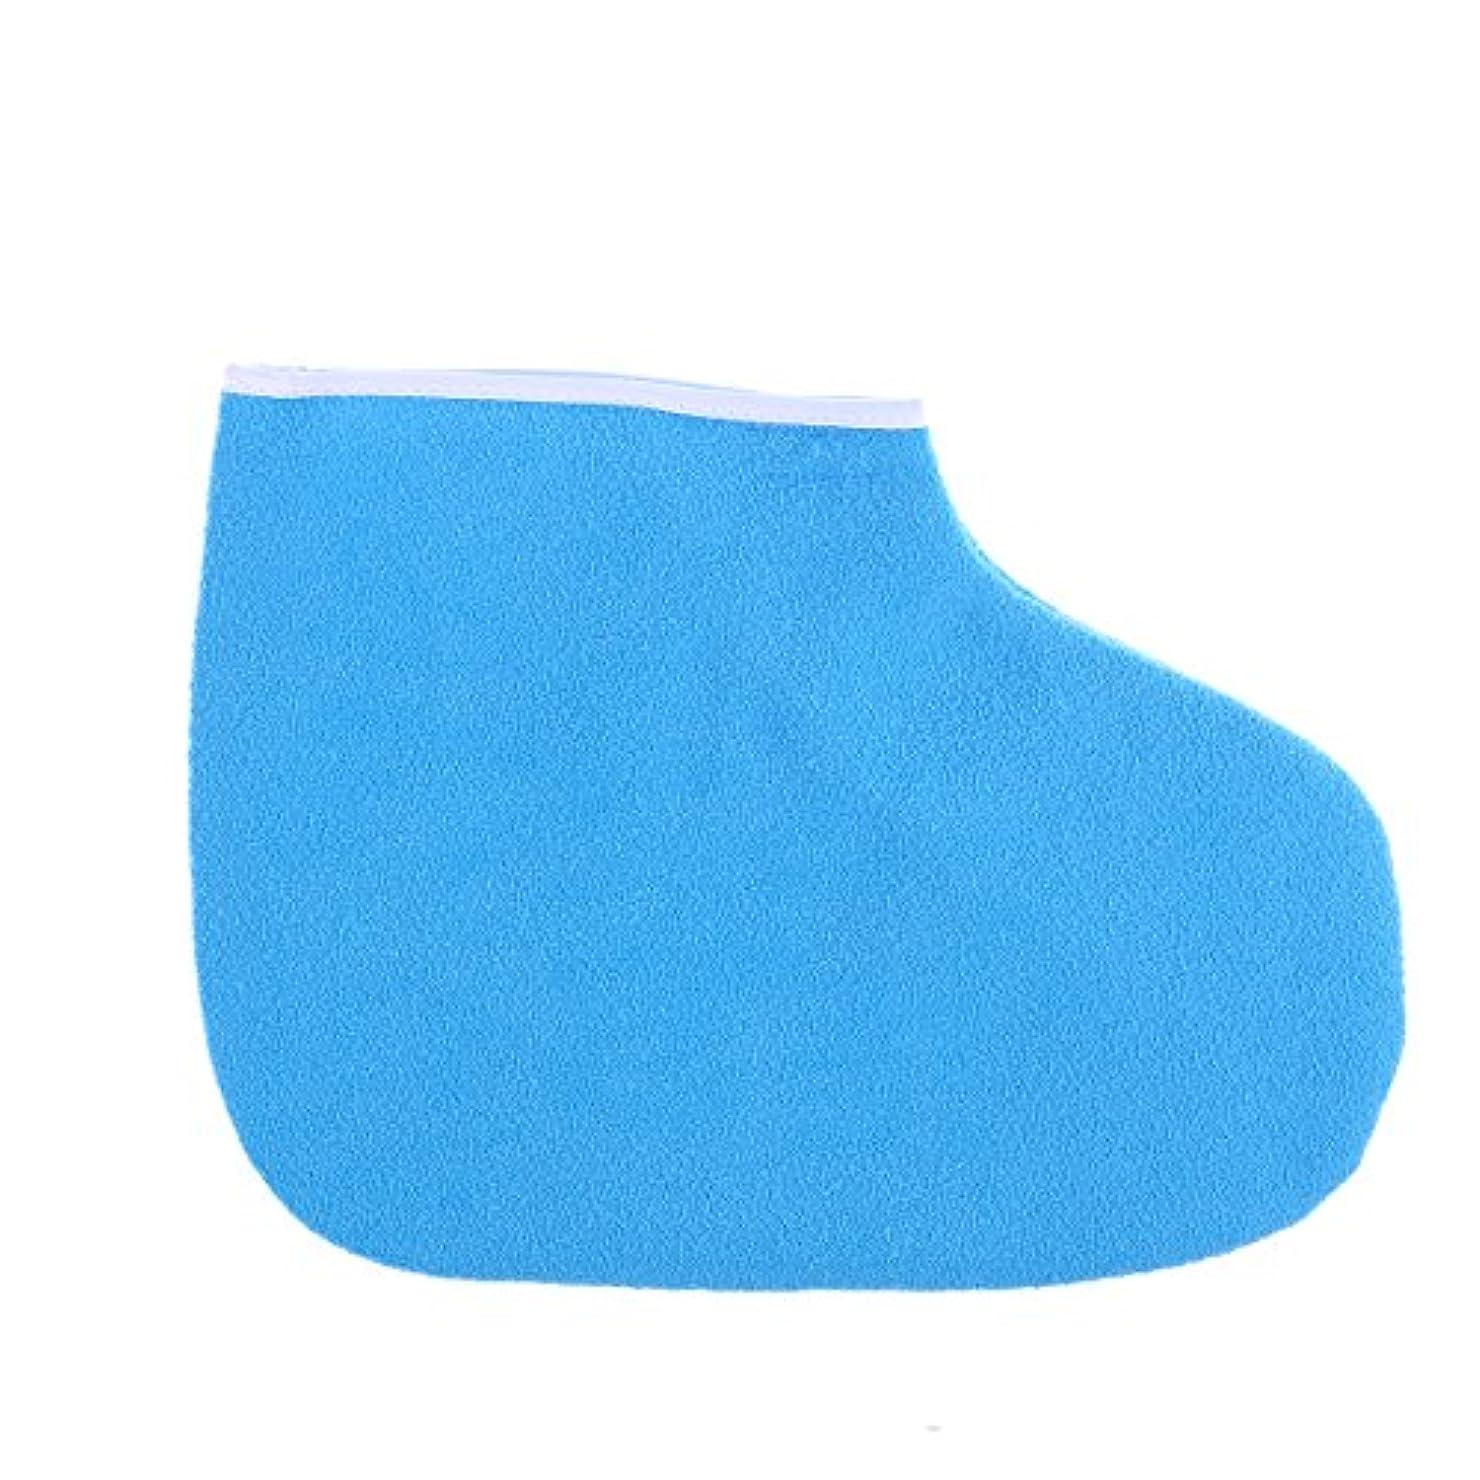 見物人放棄する北西Healifty パラフィンワックスブーティーマニキュアペディキュアトリートメントブーツ(ブルー)